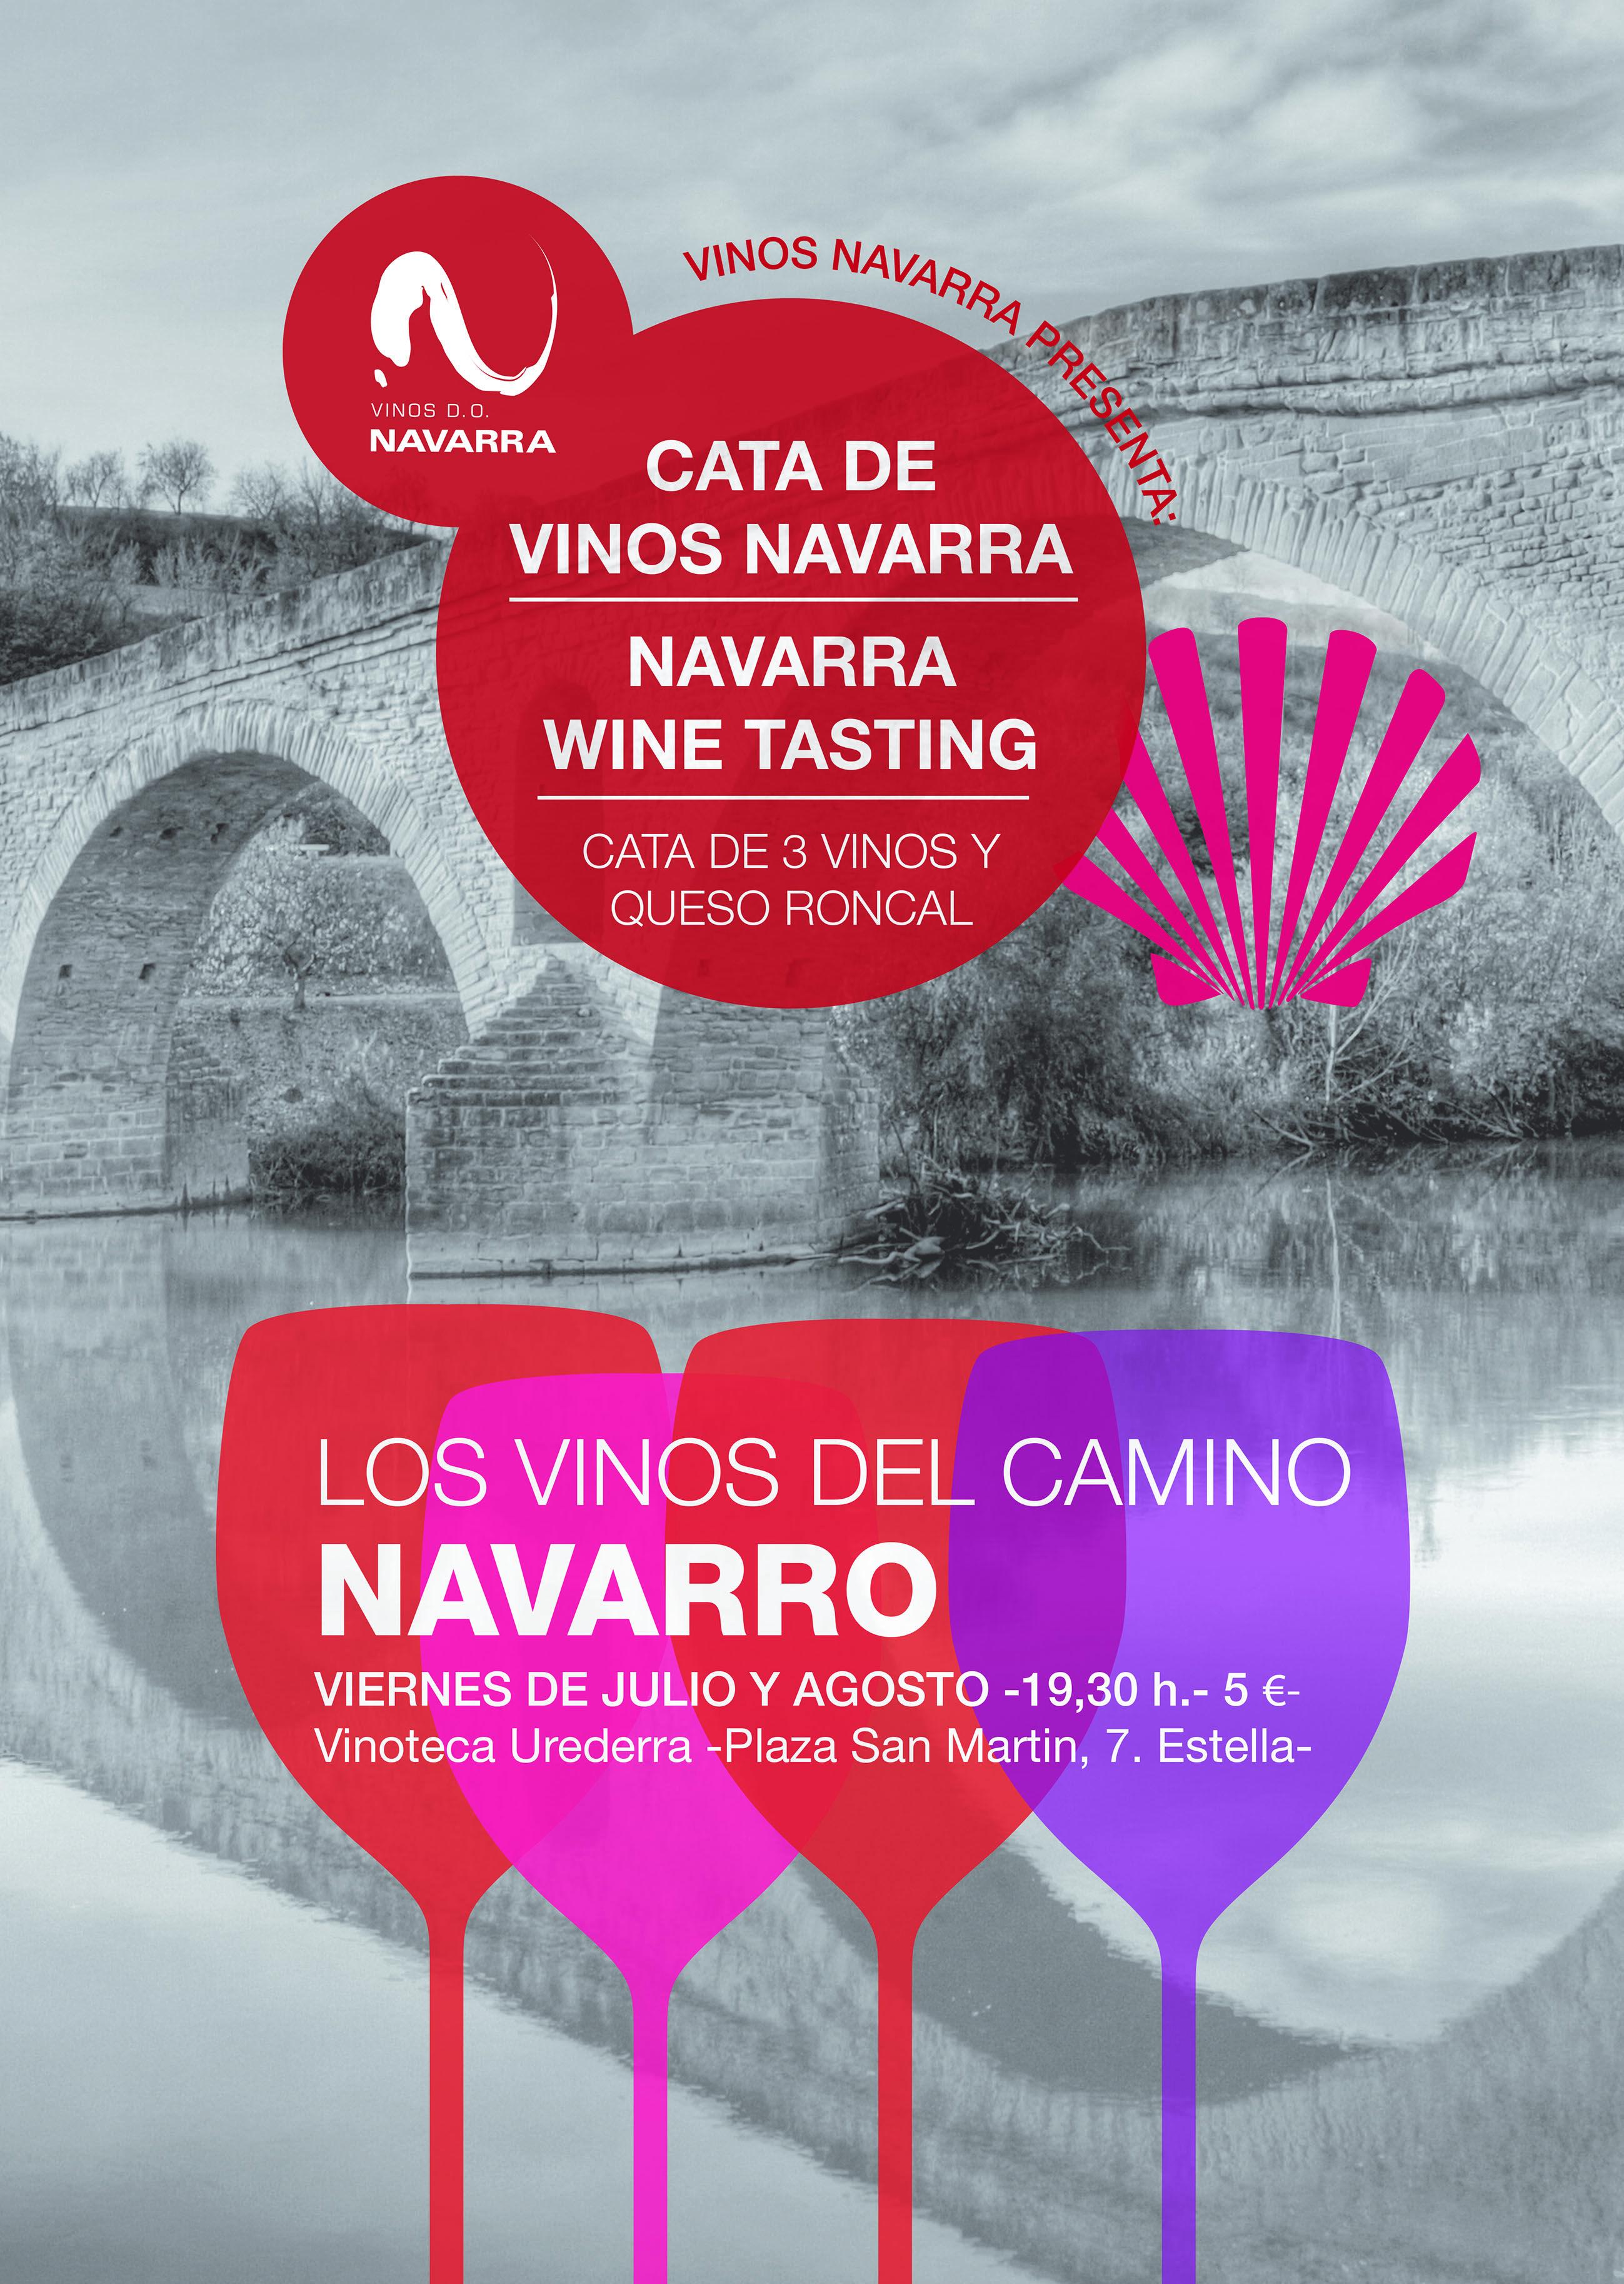 Los Vinos Del Camino Navarro Catas Viernes Julio Y Agosto En Estella Navarra Para Peregrinos Y Visitantes Vinos Julio Y Agosto Vino